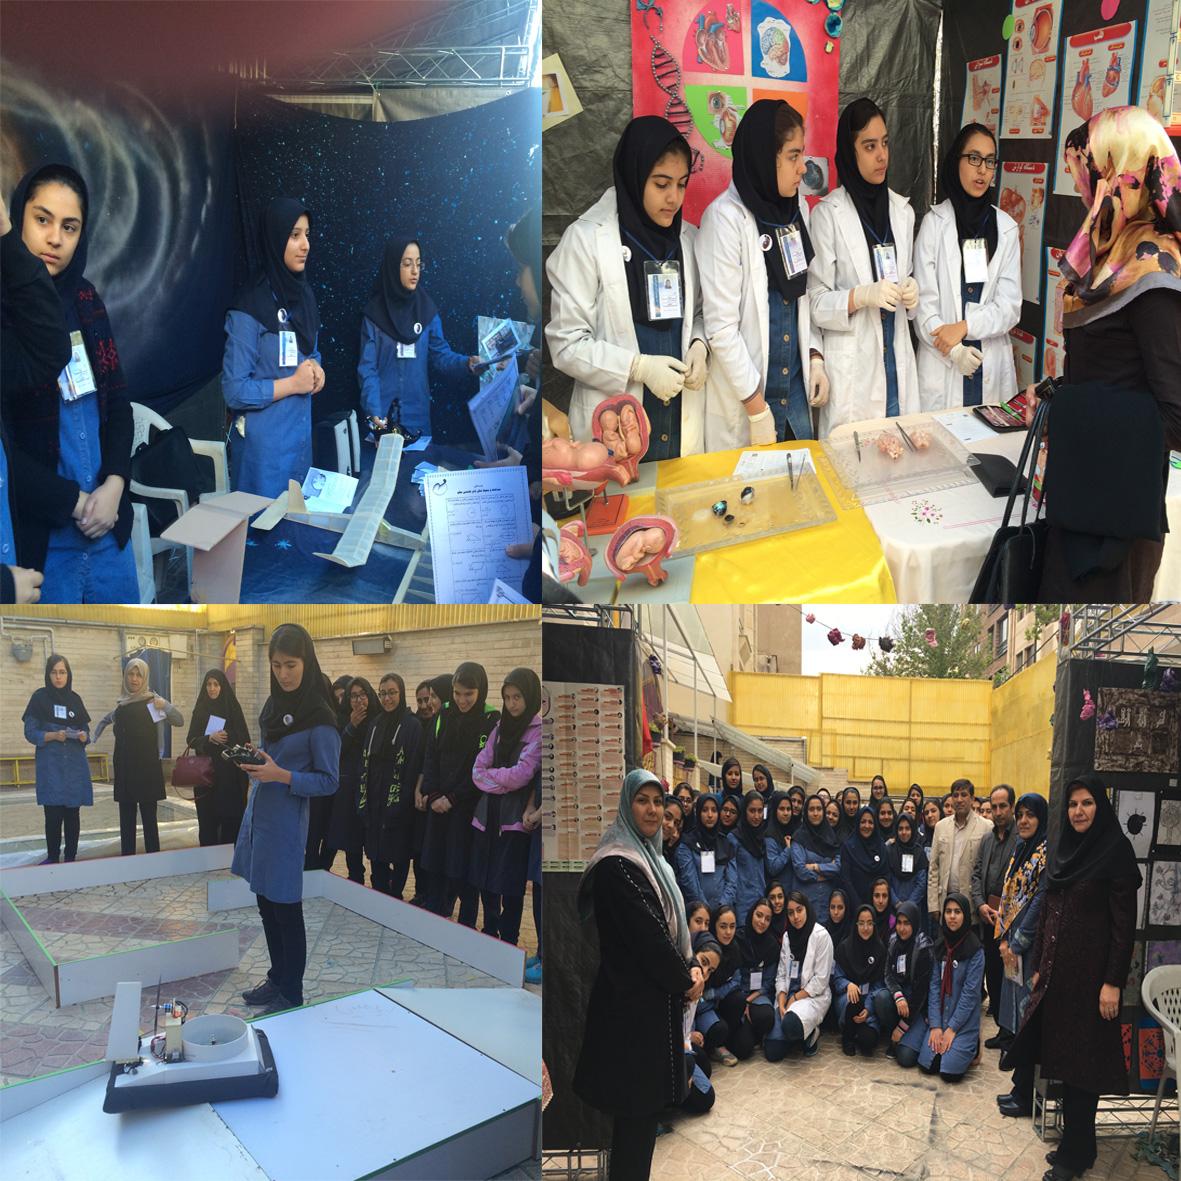 برگزاری نمایشگاه علمی-پژوهشی توسط دانش آموزان متوسطه 2